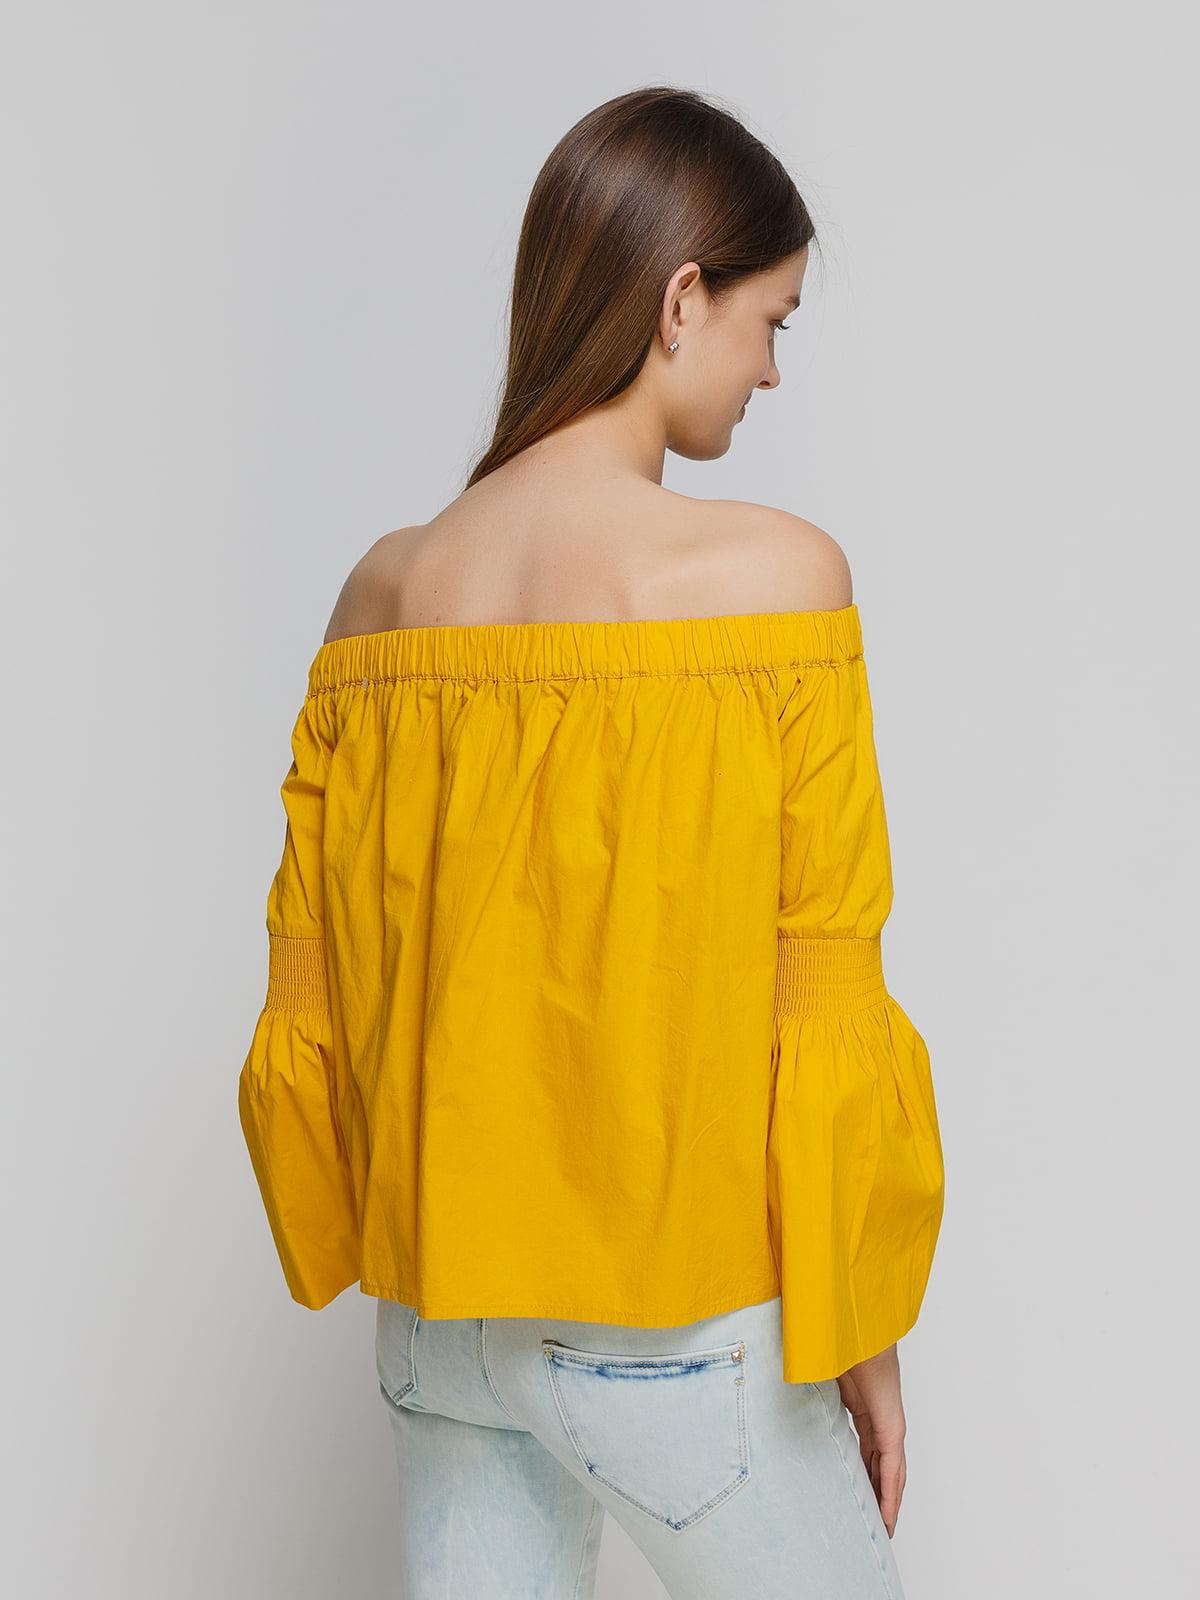 Блуза желтая | 3861861 | фото 2